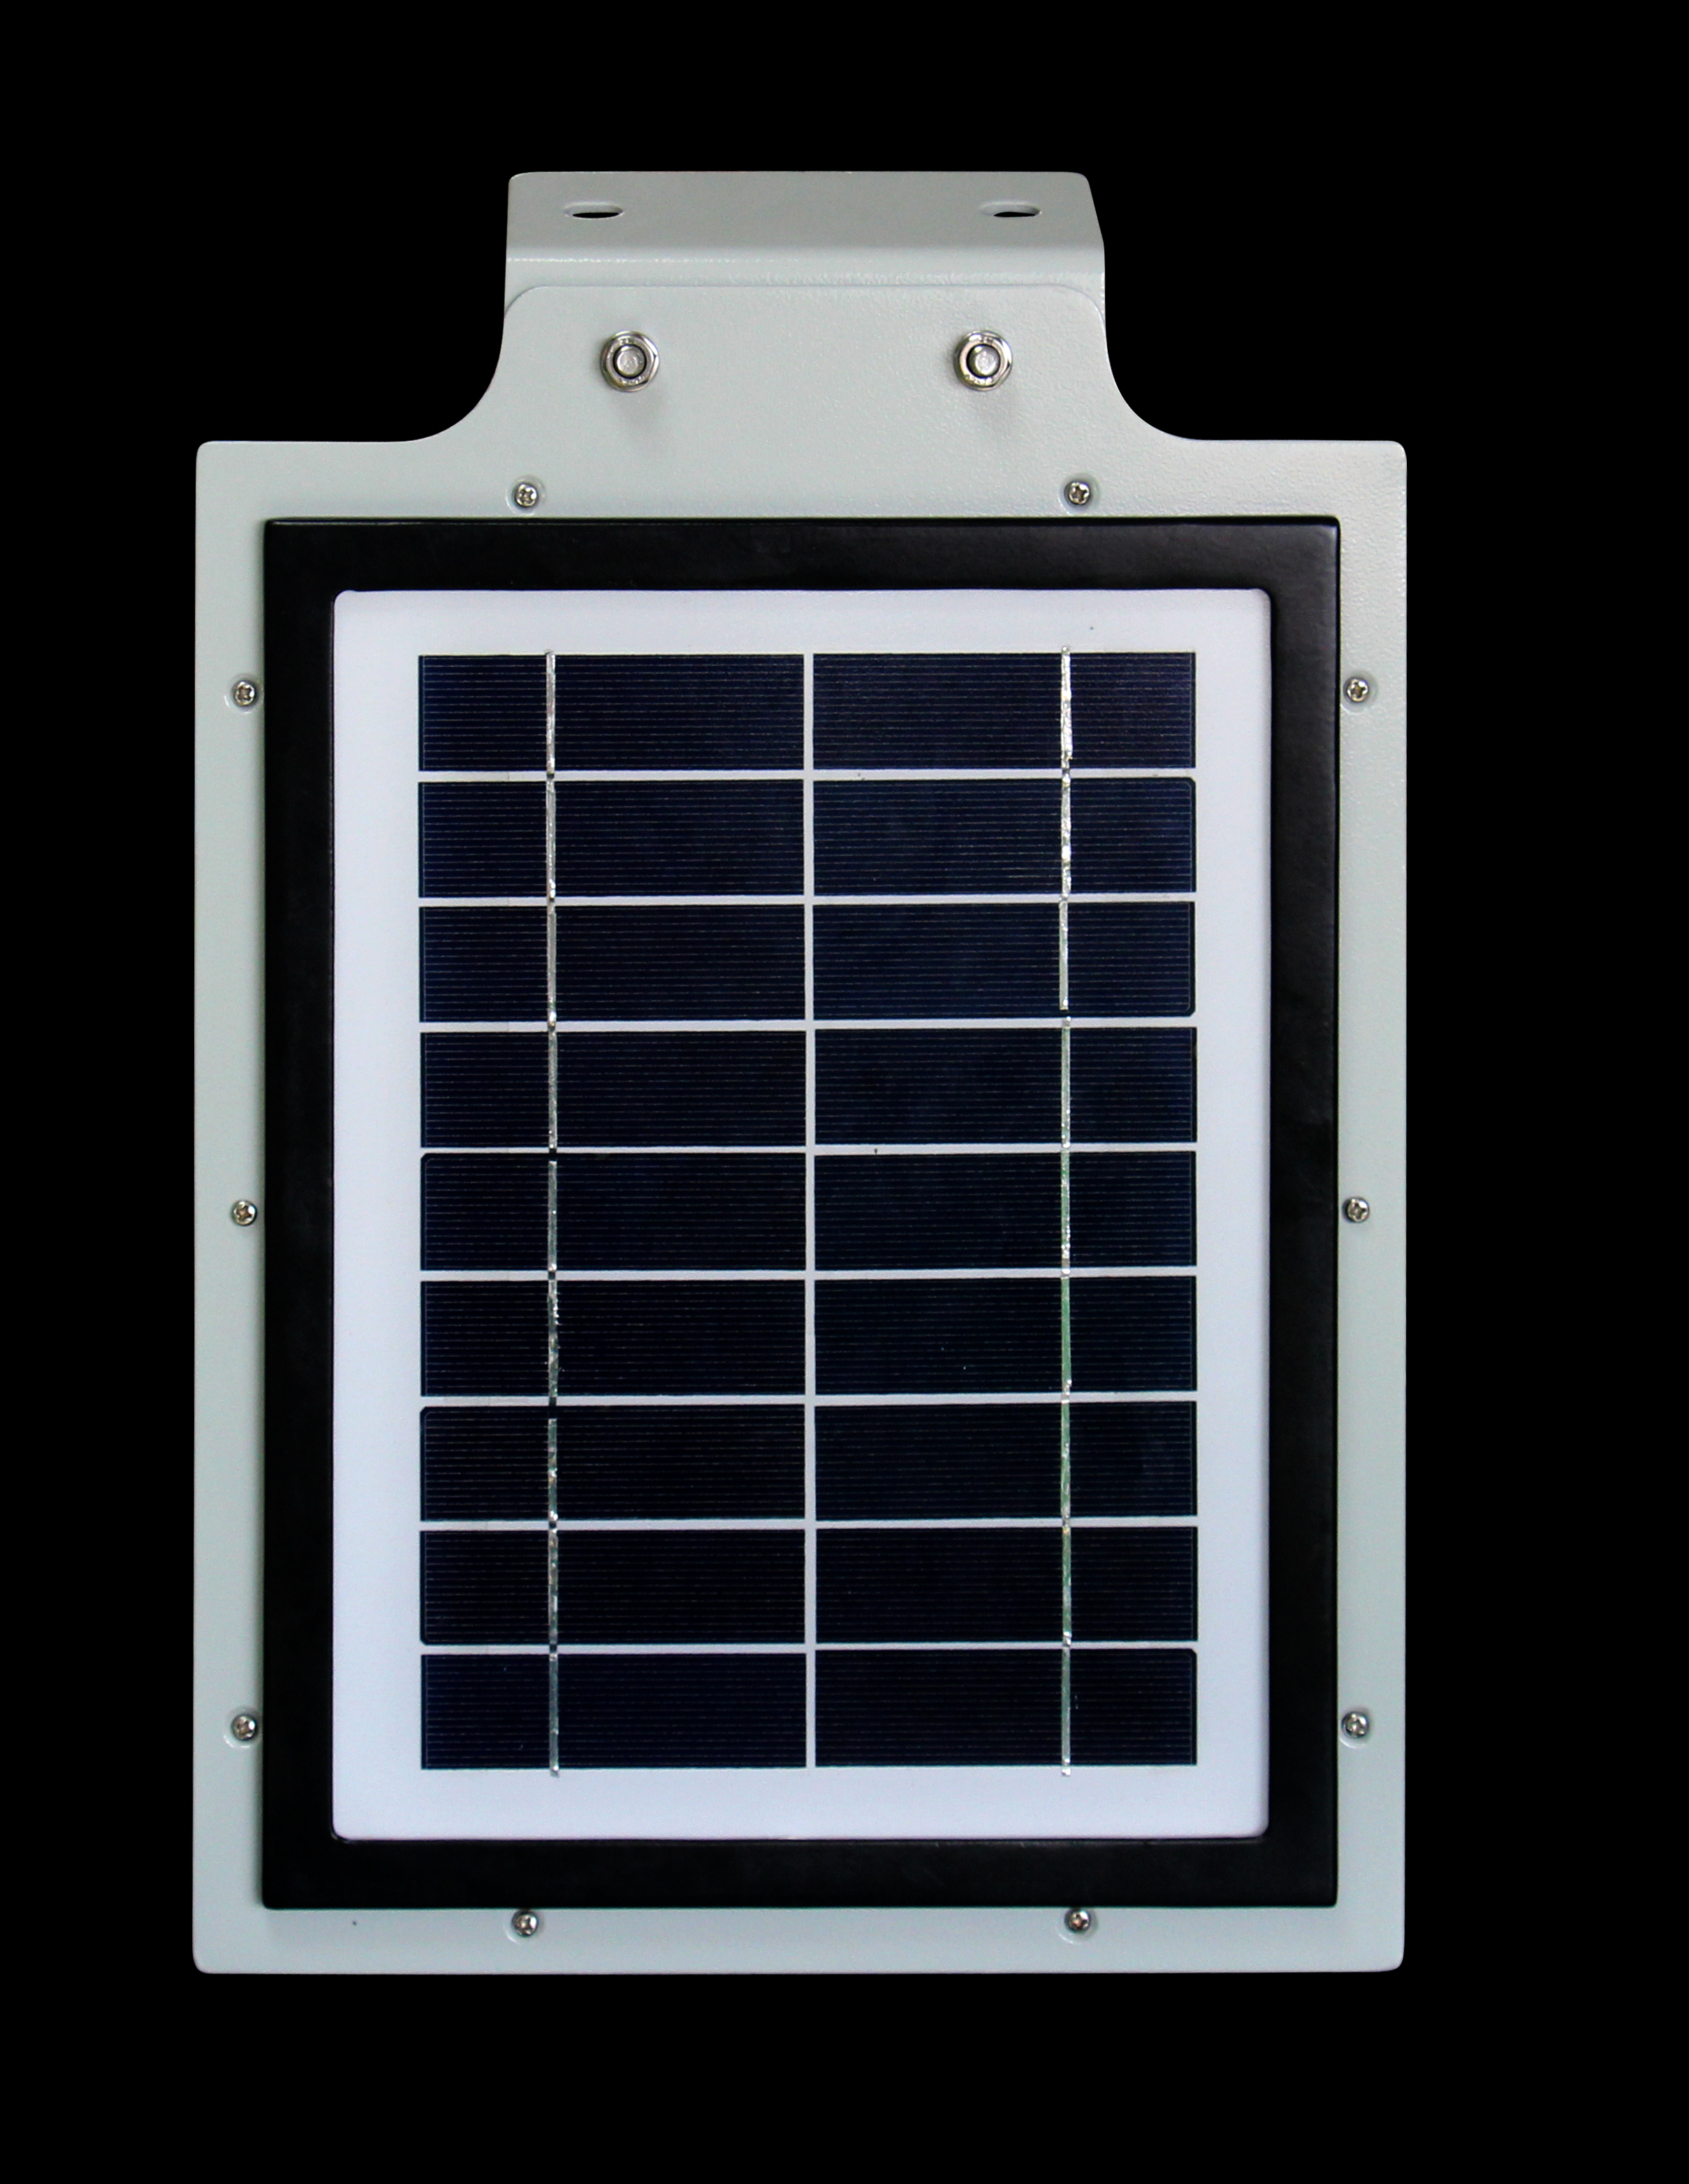 厂家直销太阳能路灯智能LED灯